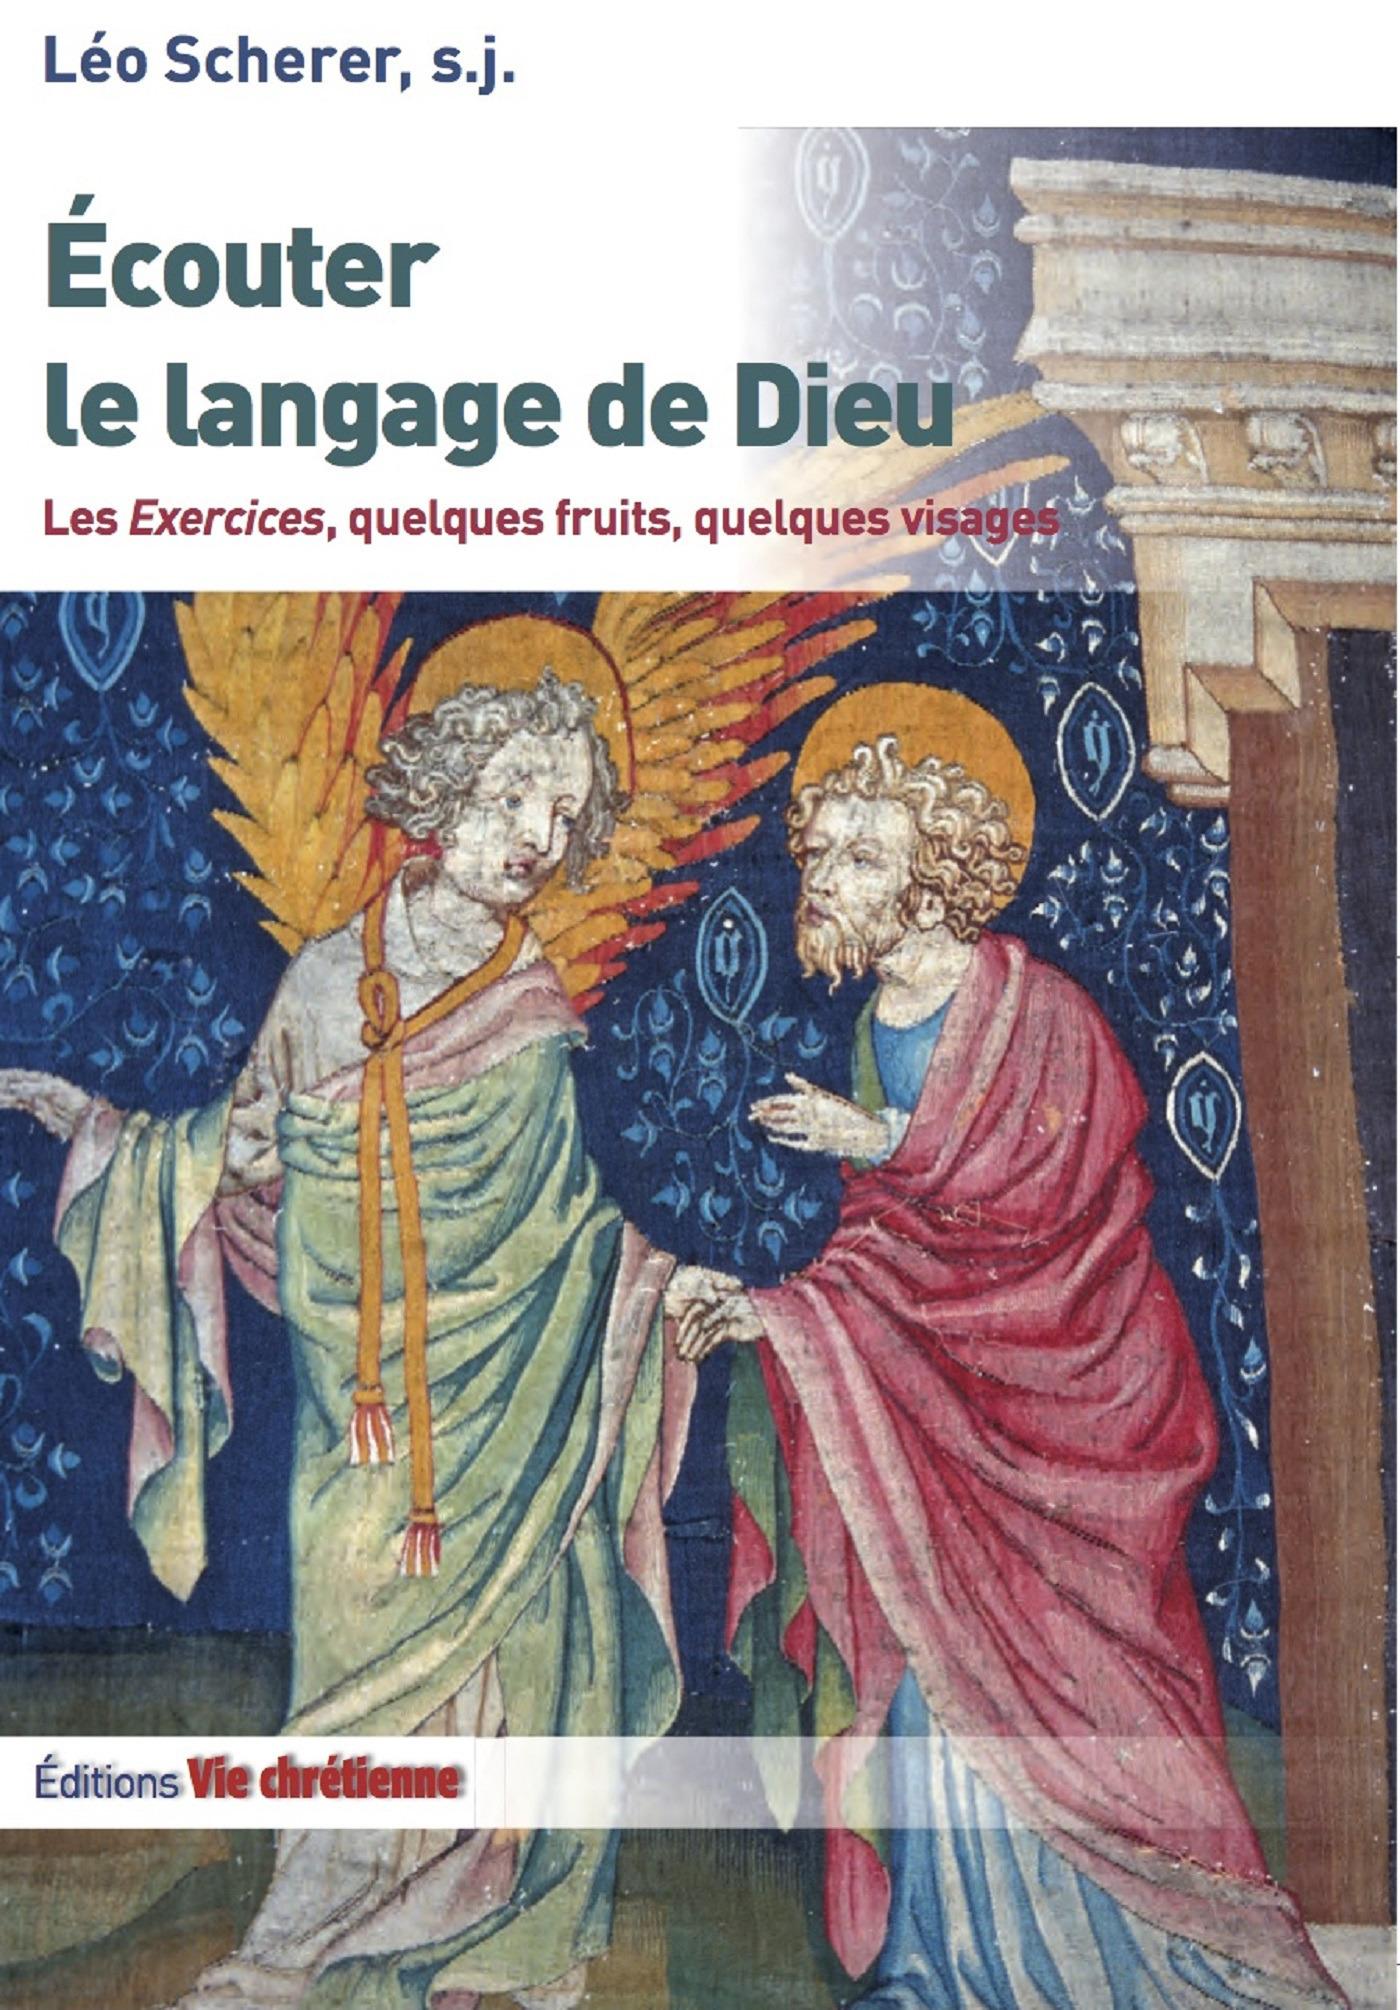 Ecouter le langage de Dieu